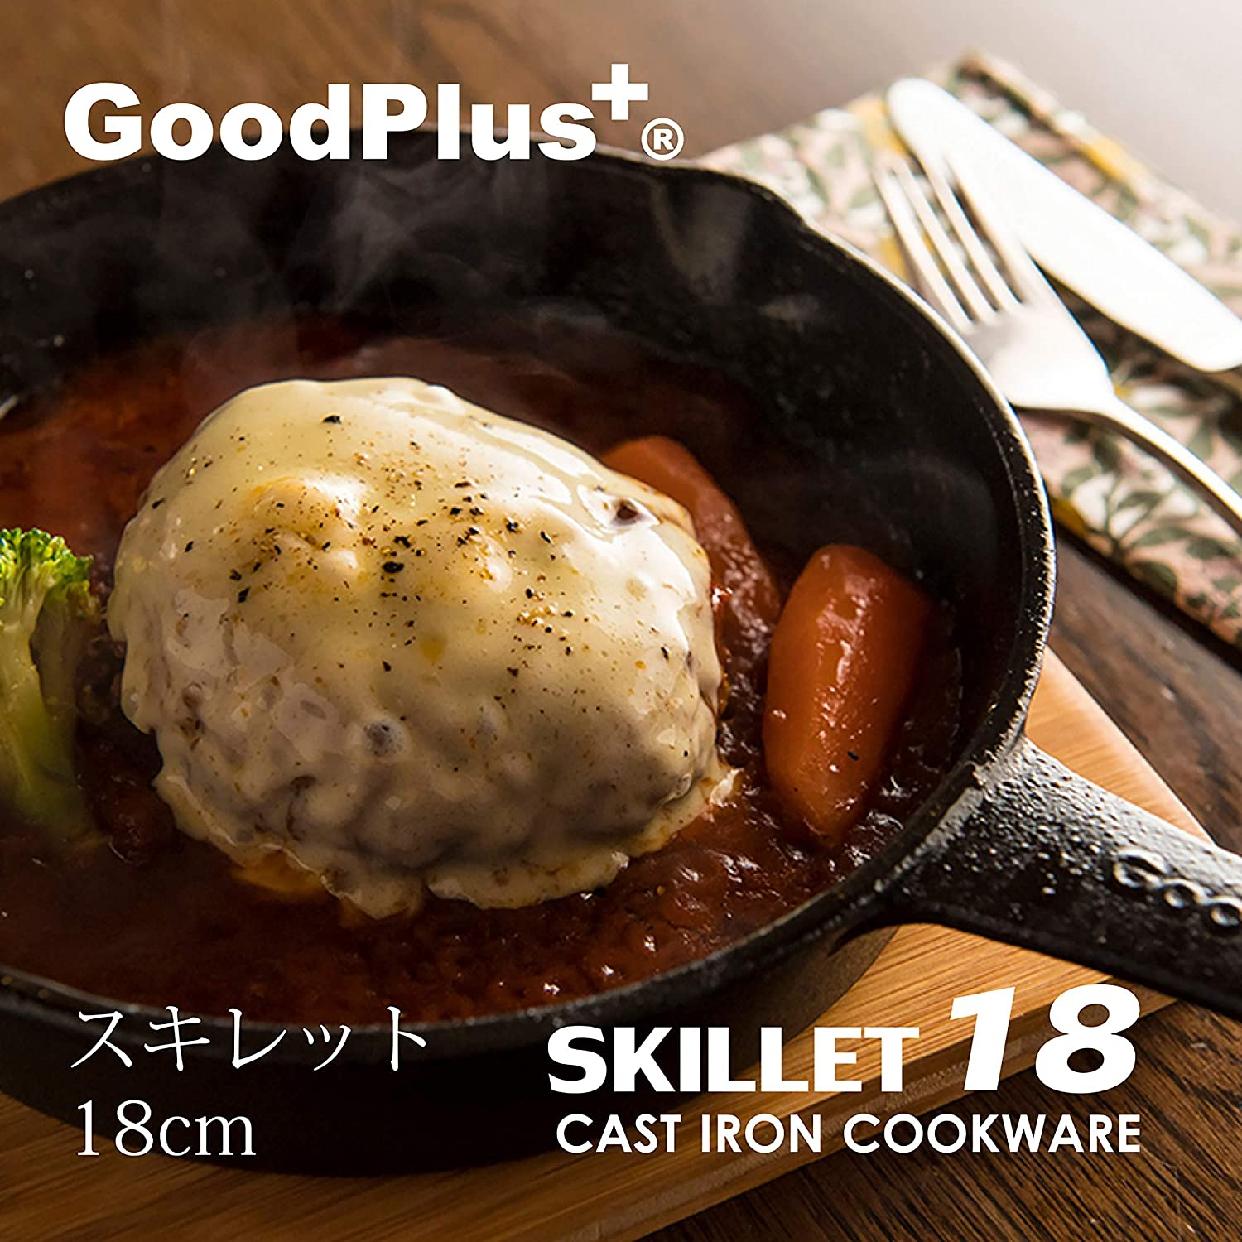 GoodPlus+(グッドプラス)スキレット18(木製台付) 18㎝ GP-SWT18の商品画像7